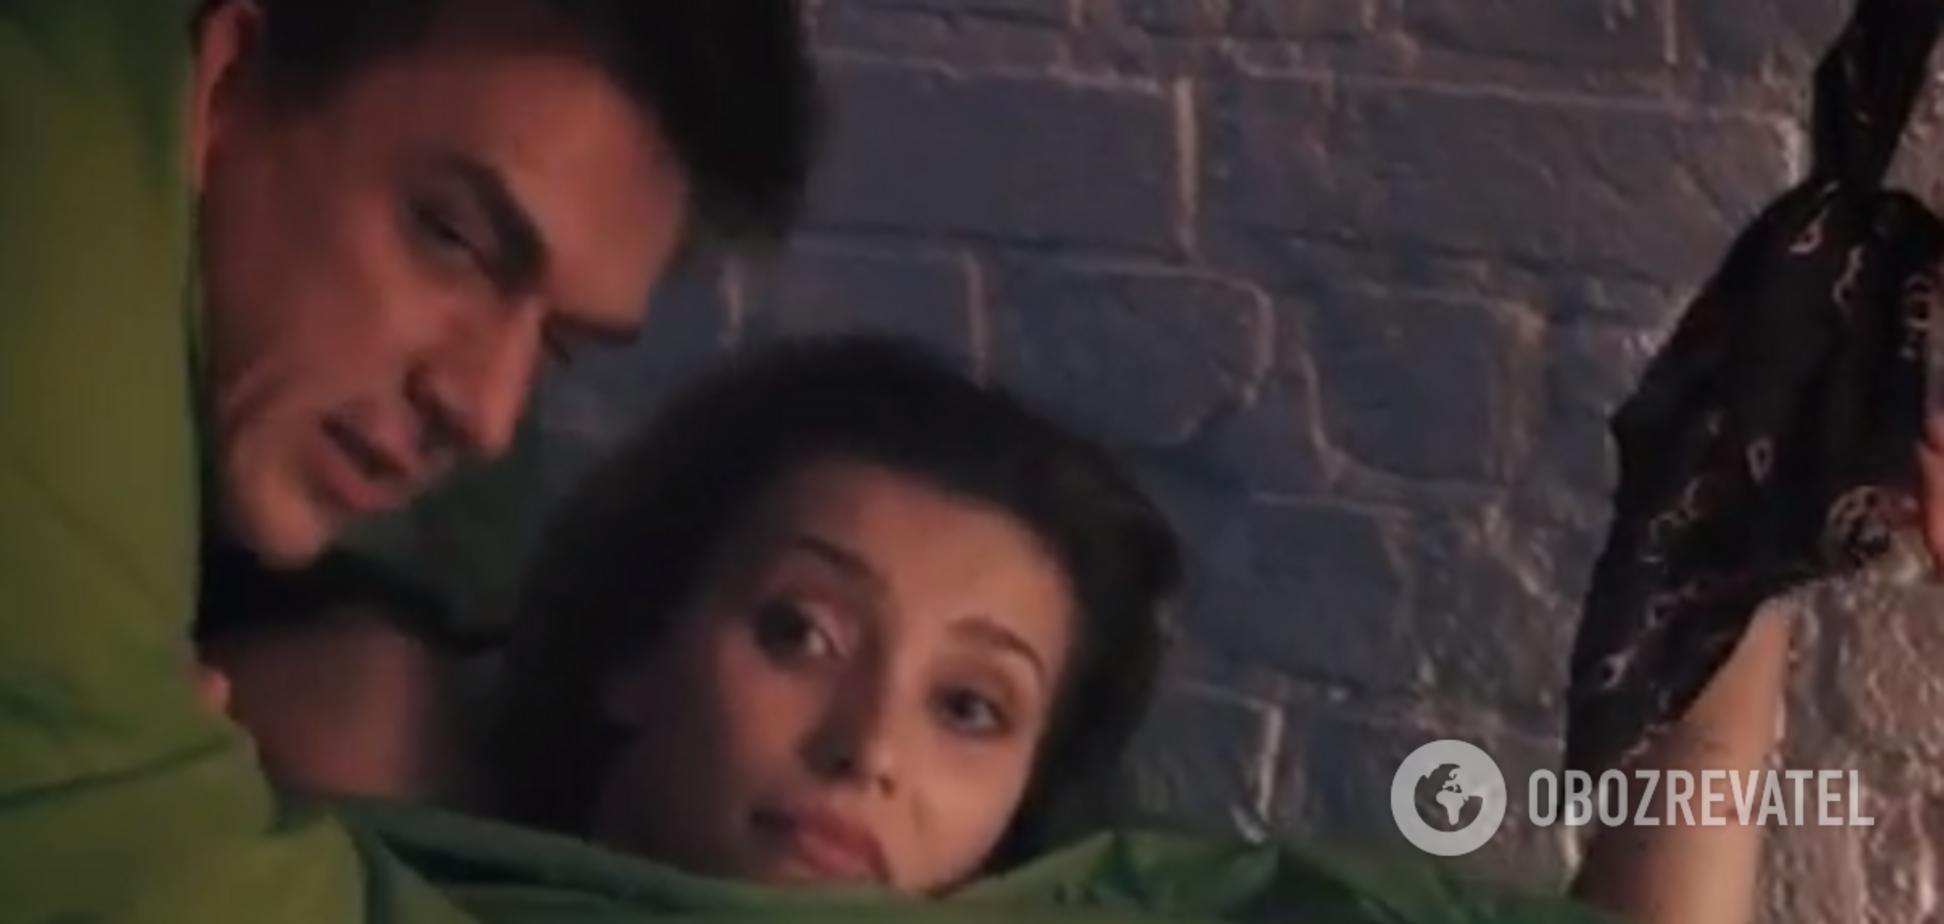 'Что за порнуха?!' Видео с любовными утехами Тодоренко и Топалова взорвало сеть